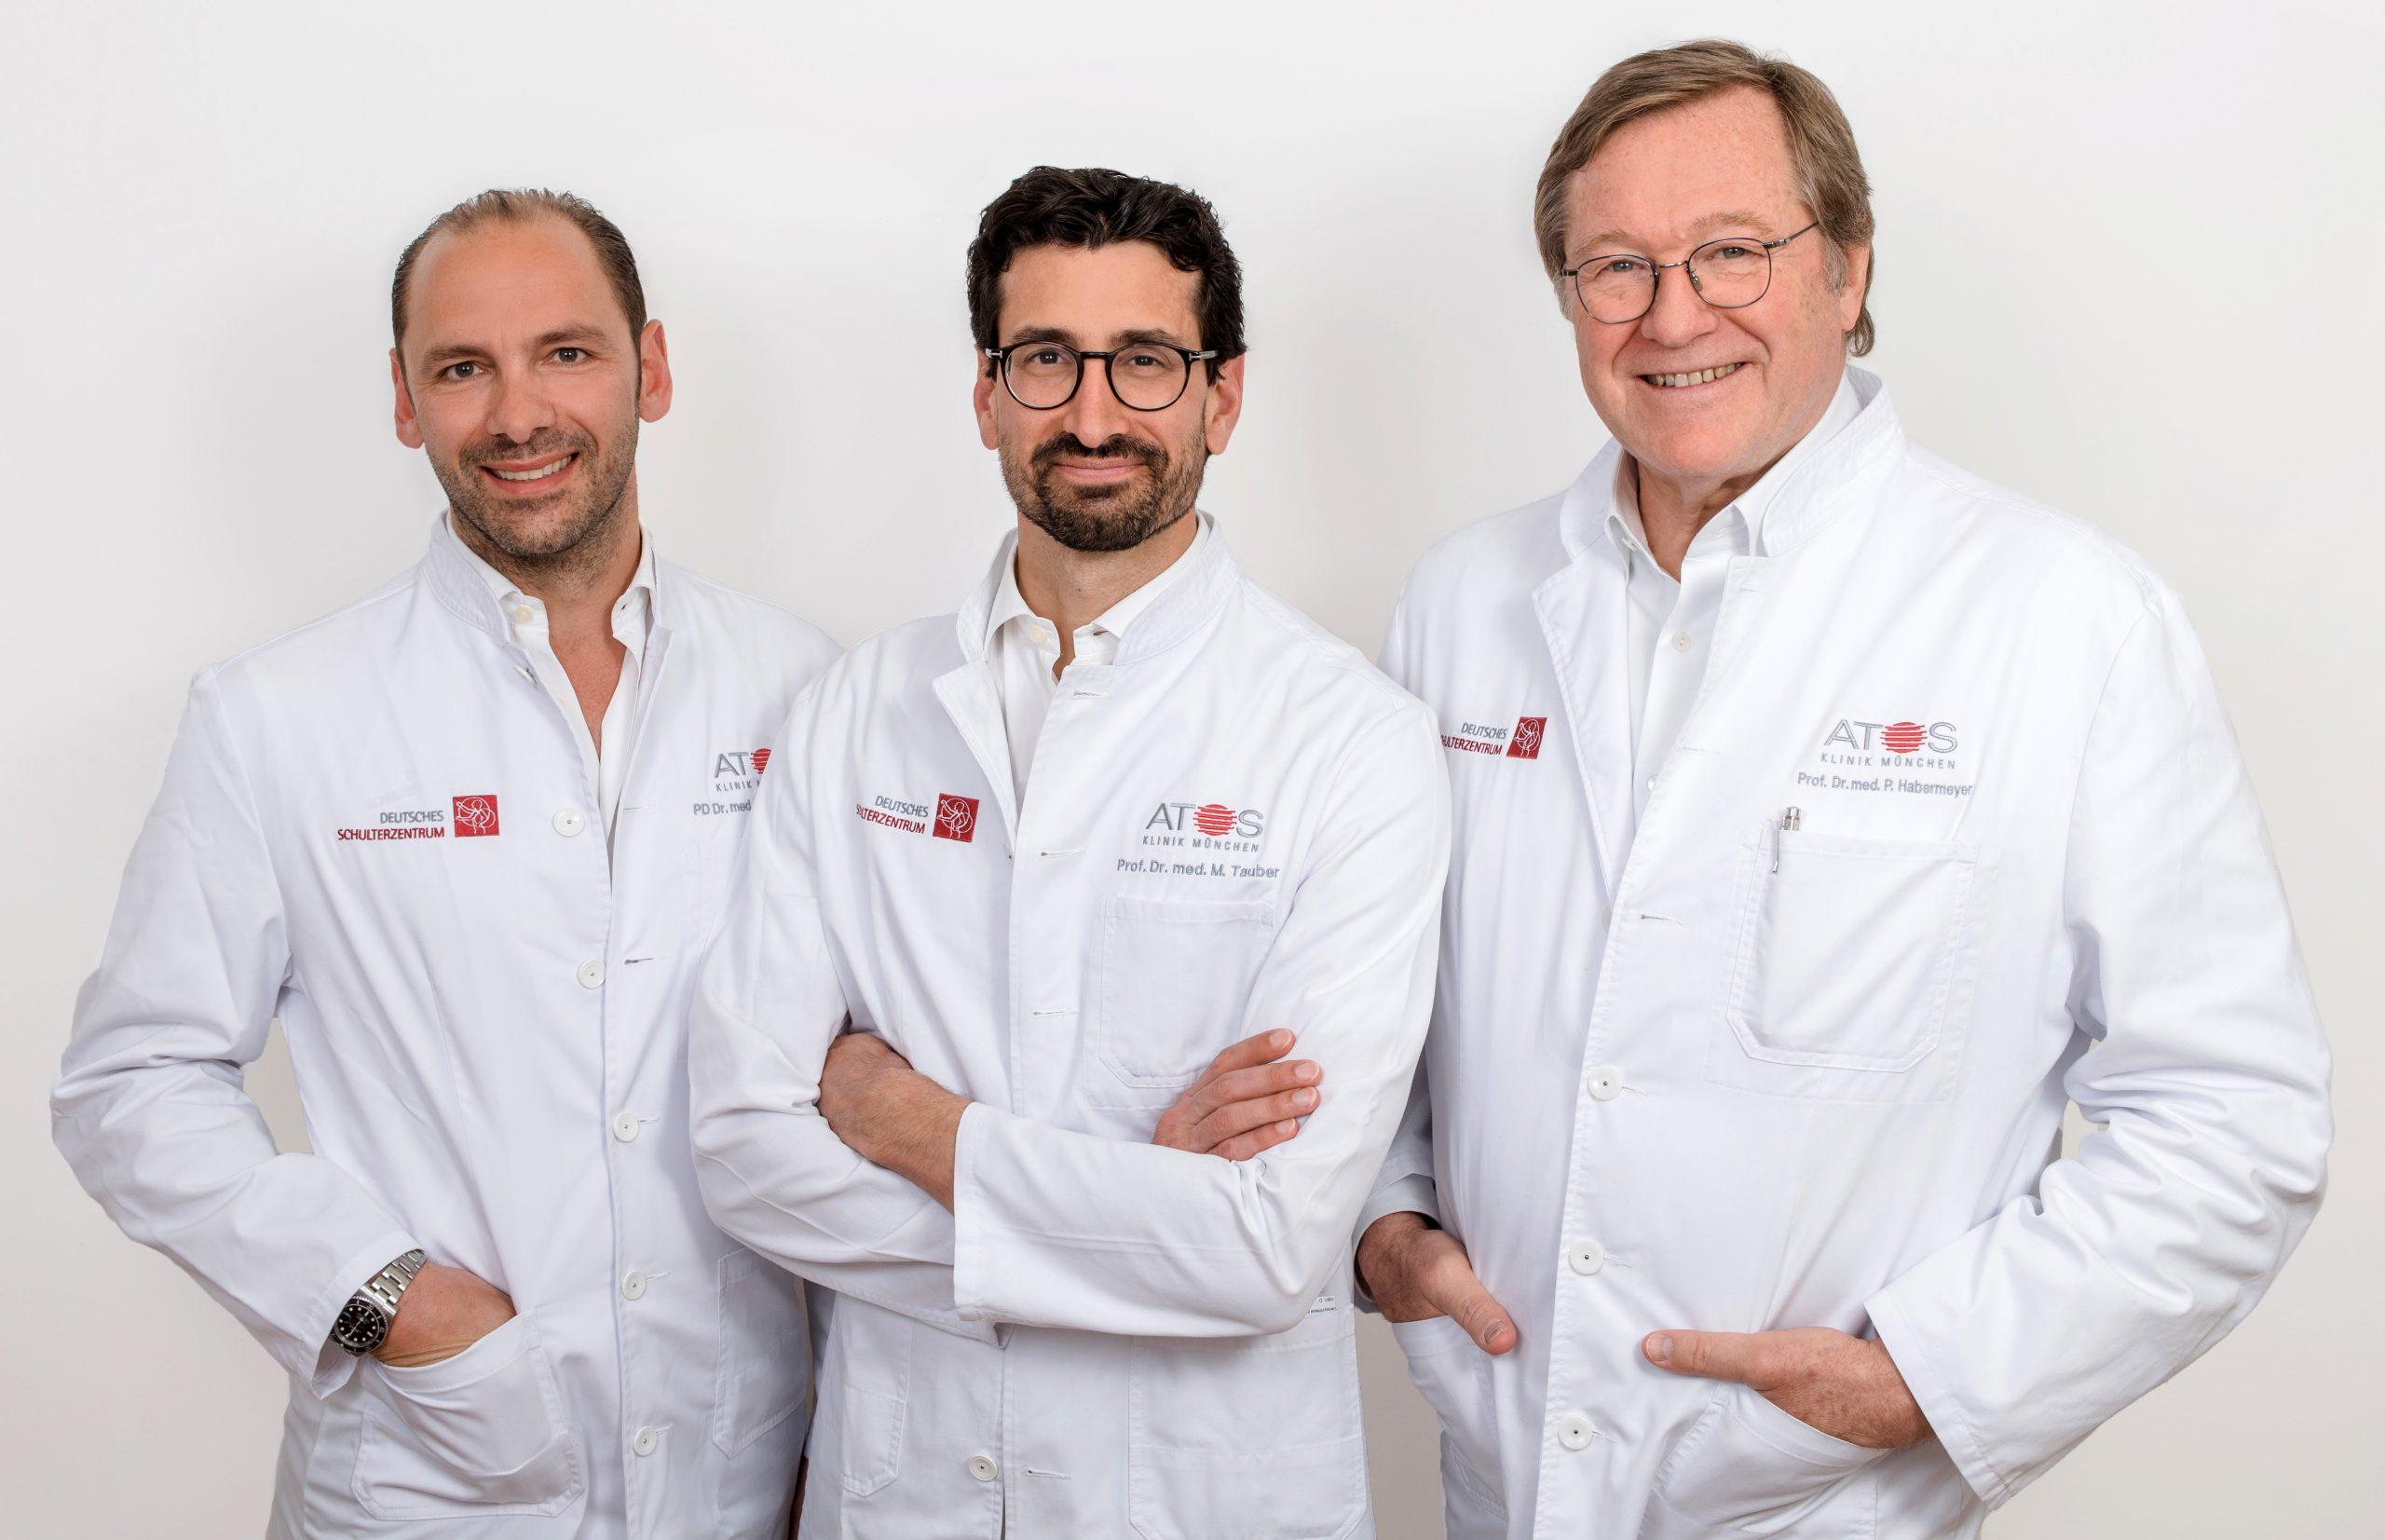 Ärzteteam Deutsches Schulterzentrum München - Prof. Dr. med. Peter Habermeyer, Prof. Dr. med. univ. Mark Tauber, Priv.-Doz. Dr. med. Frank Martetschläger